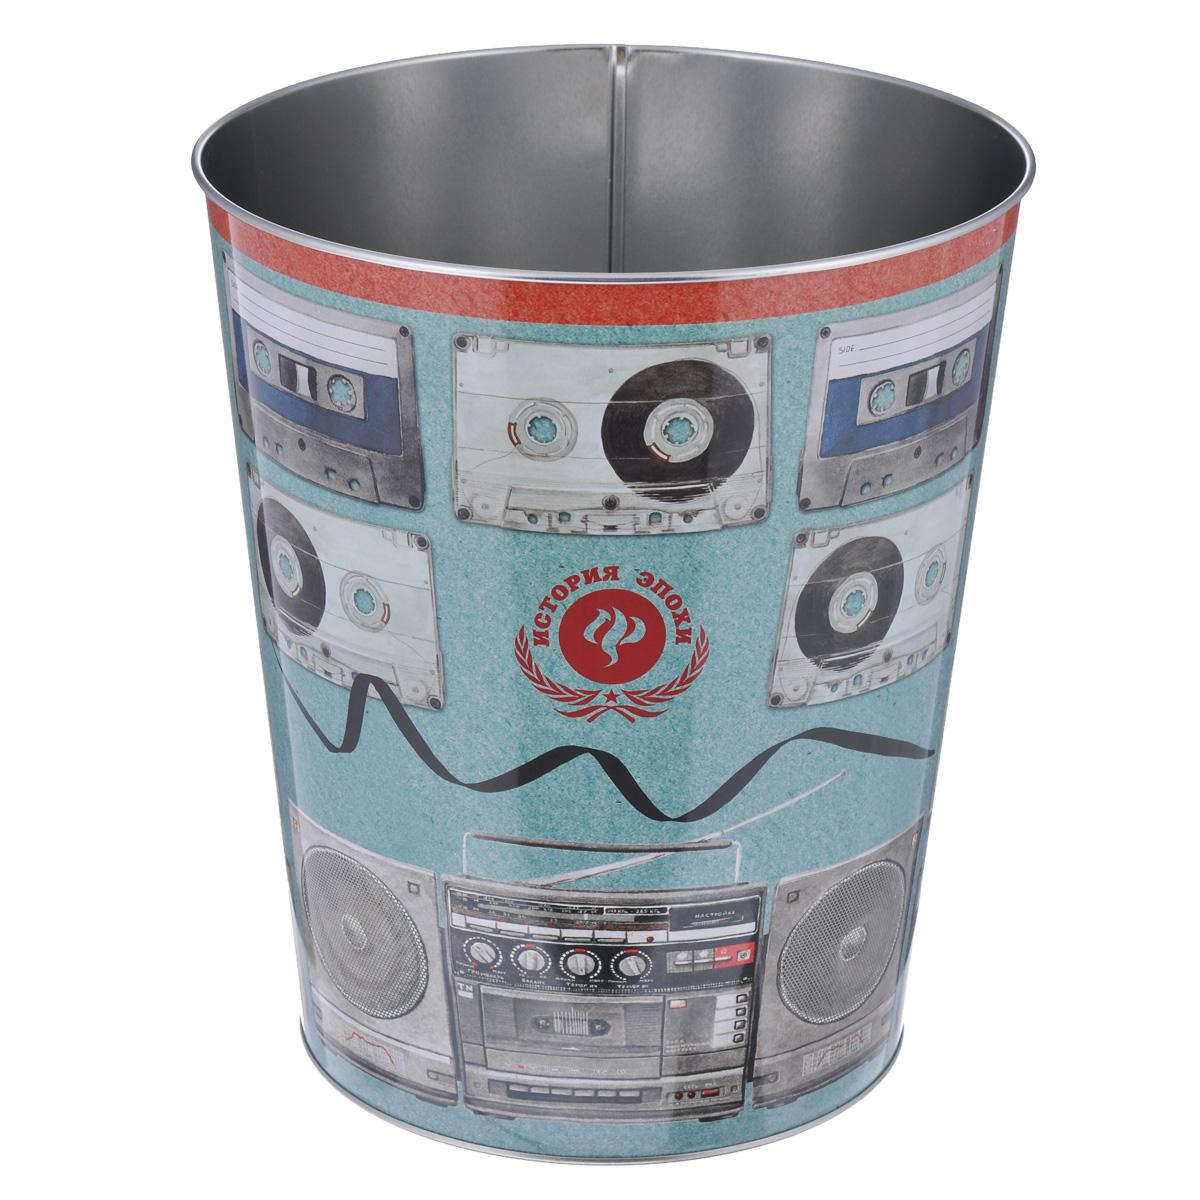 Ведро для мусора Феникс-презент Аудиокассеты37664Ведро для мусора Феникс-презент Аудиокассеты изготовлено из металла с изображением старых аудиокассет. Такой аксессуар очень удобен в использовании, как дома, так и в офисе и прекрасно подойдет для уборки и хранения мусора. Диаметр ведра: 22,5 см. Высота ведра: 26,5 см.